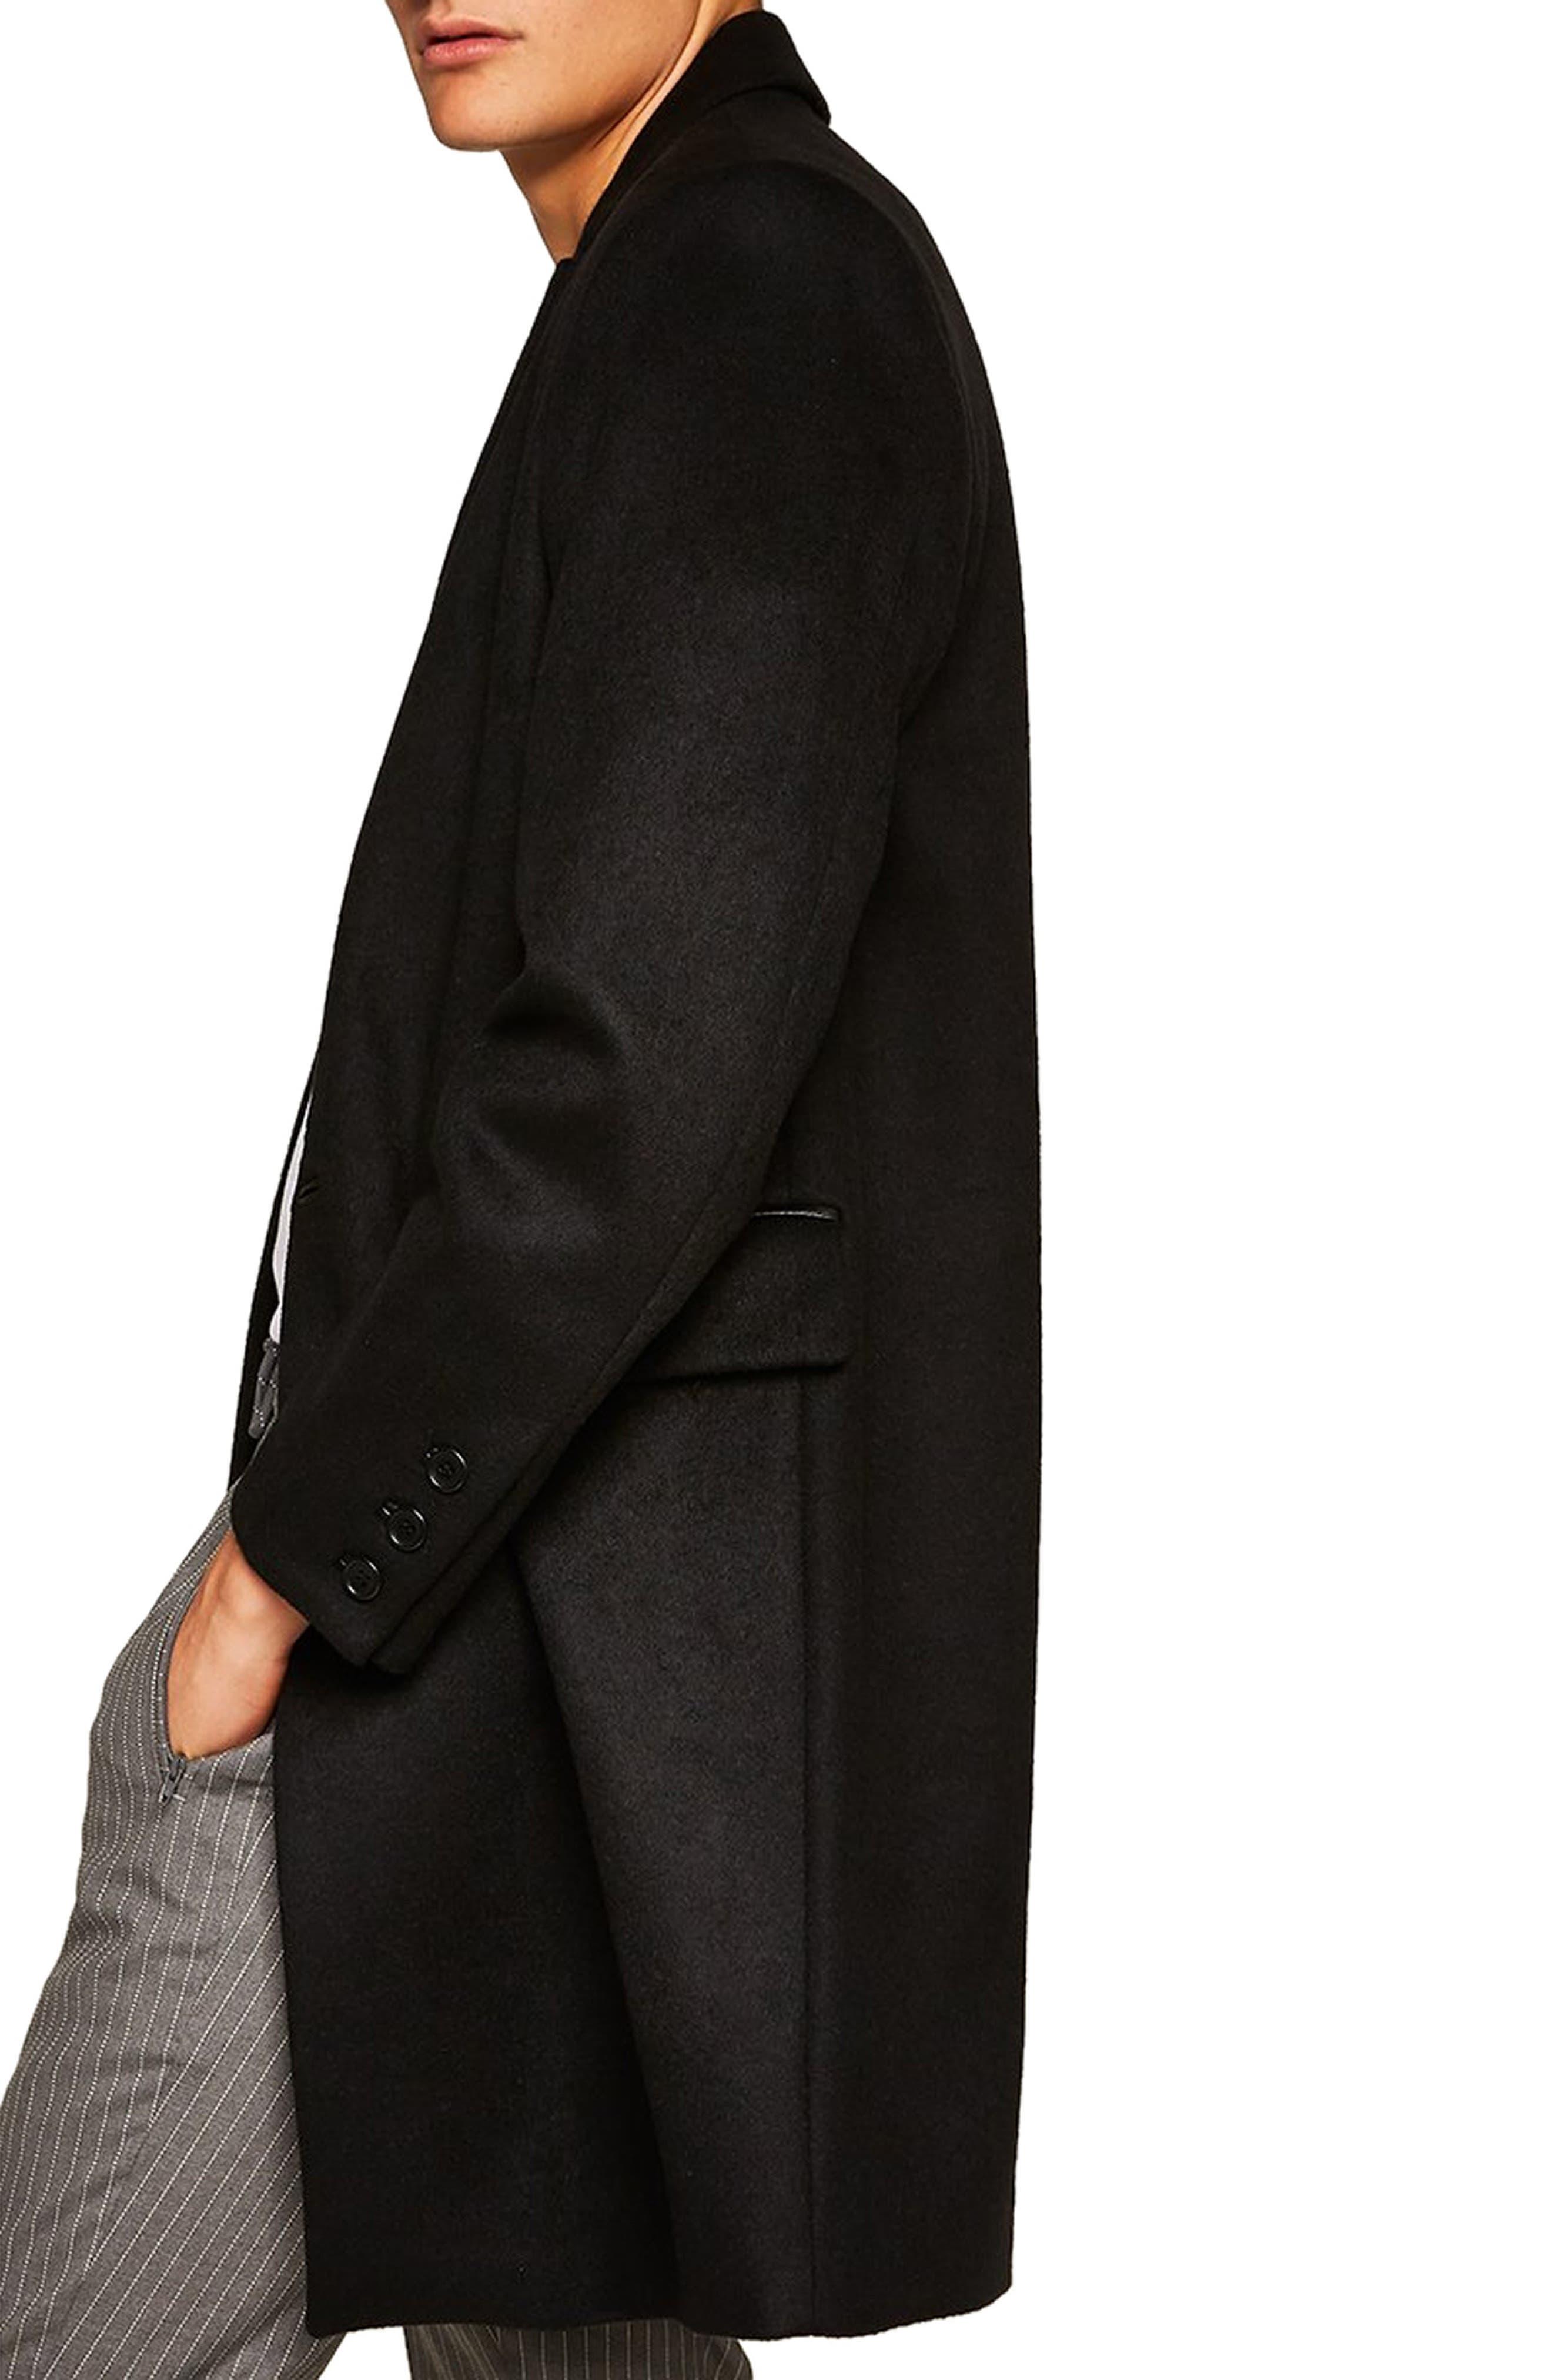 Wool Blend Overcoat,                             Alternate thumbnail 3, color,                             BLACK